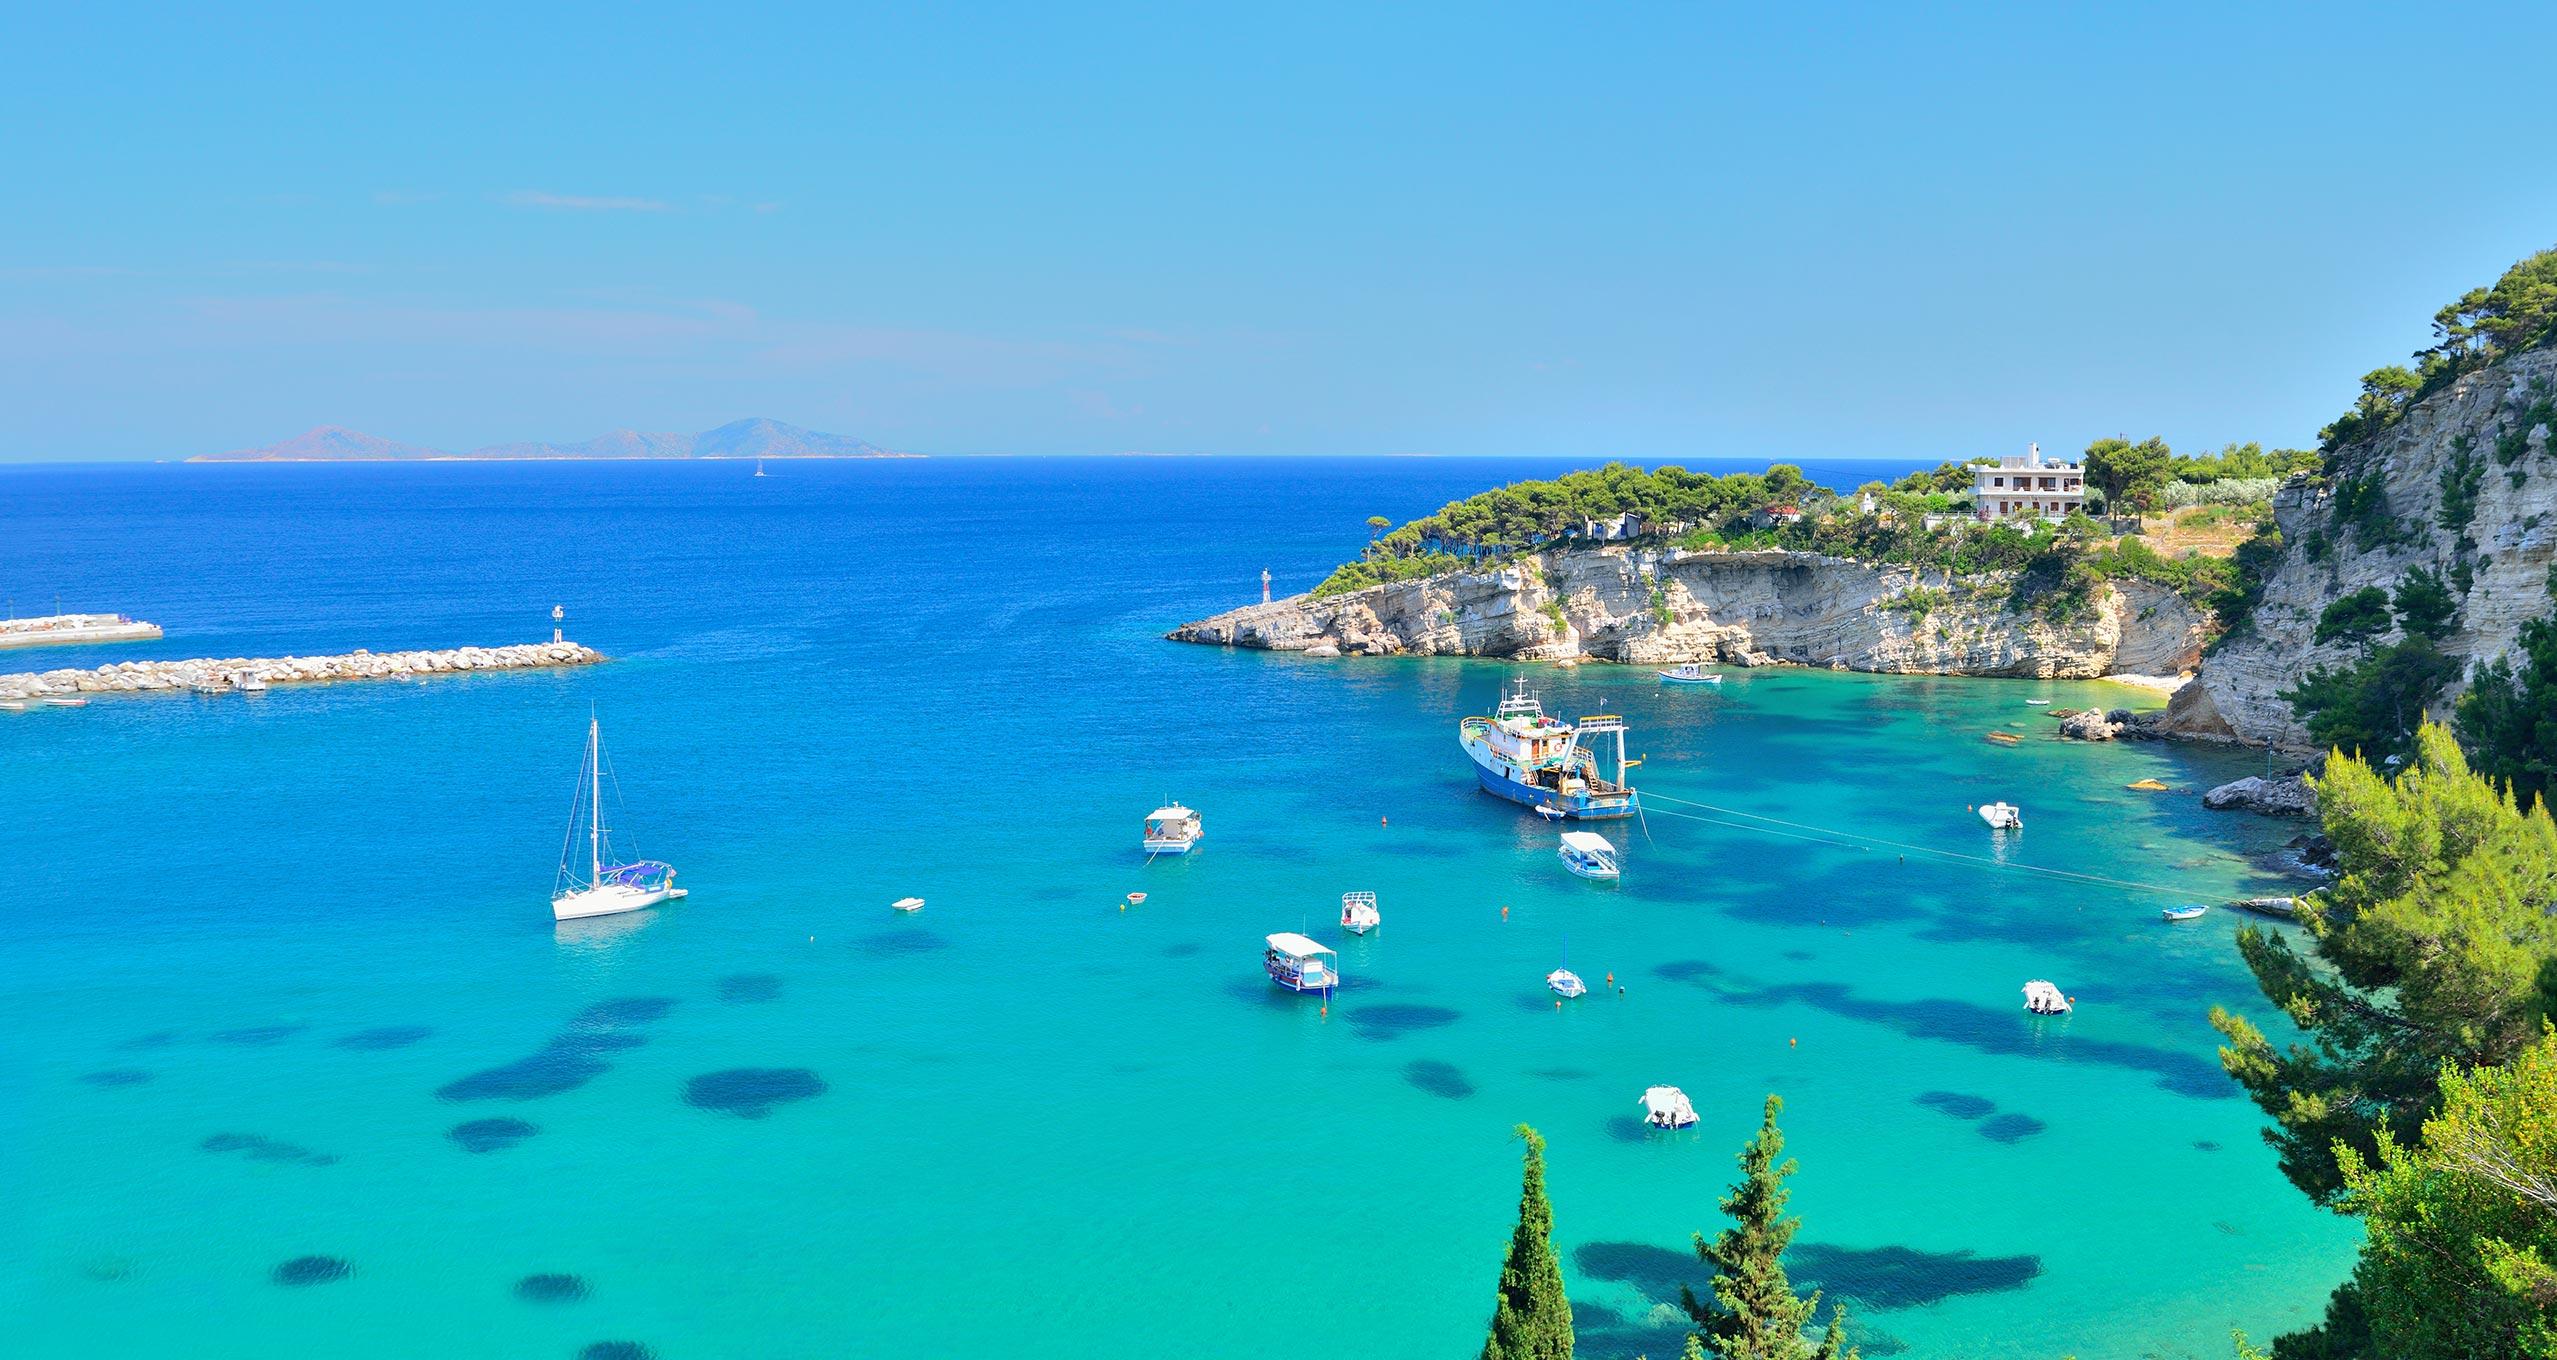 Грецький острів Алонісос визнали одним із кращих у світі курортів для екотуризму